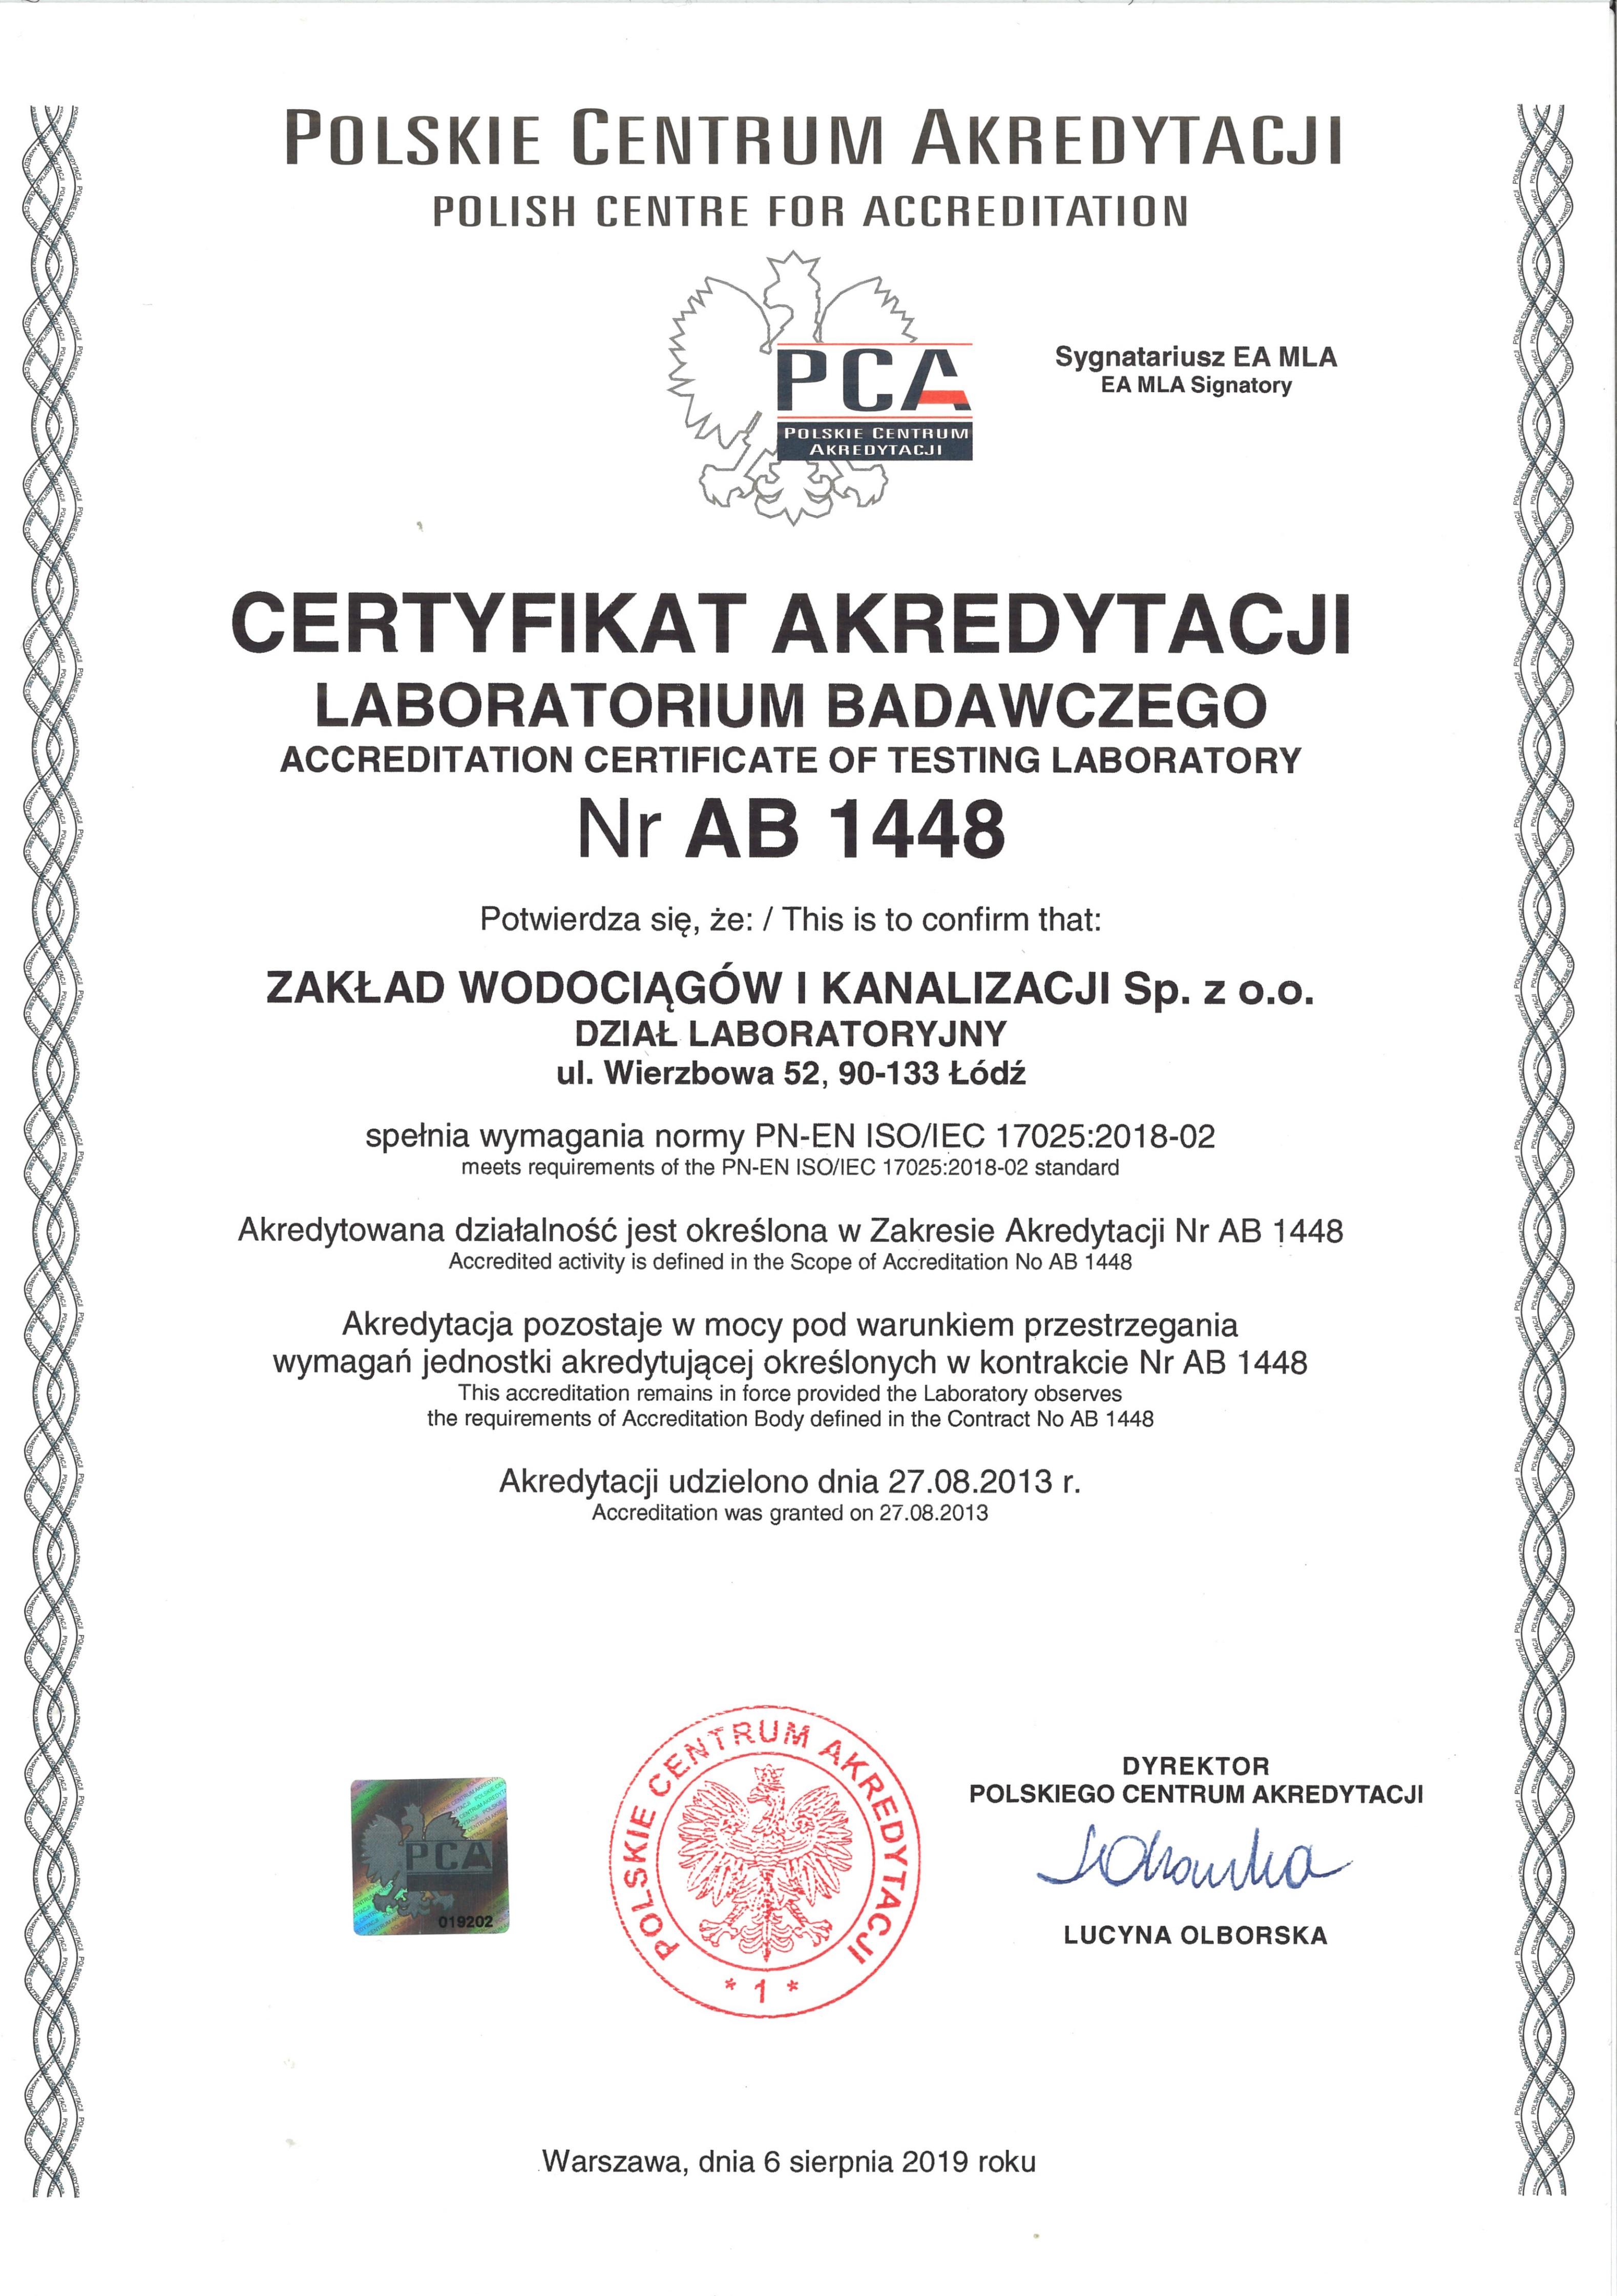 Certyfikat akredytacji laboratoriów ZWiK